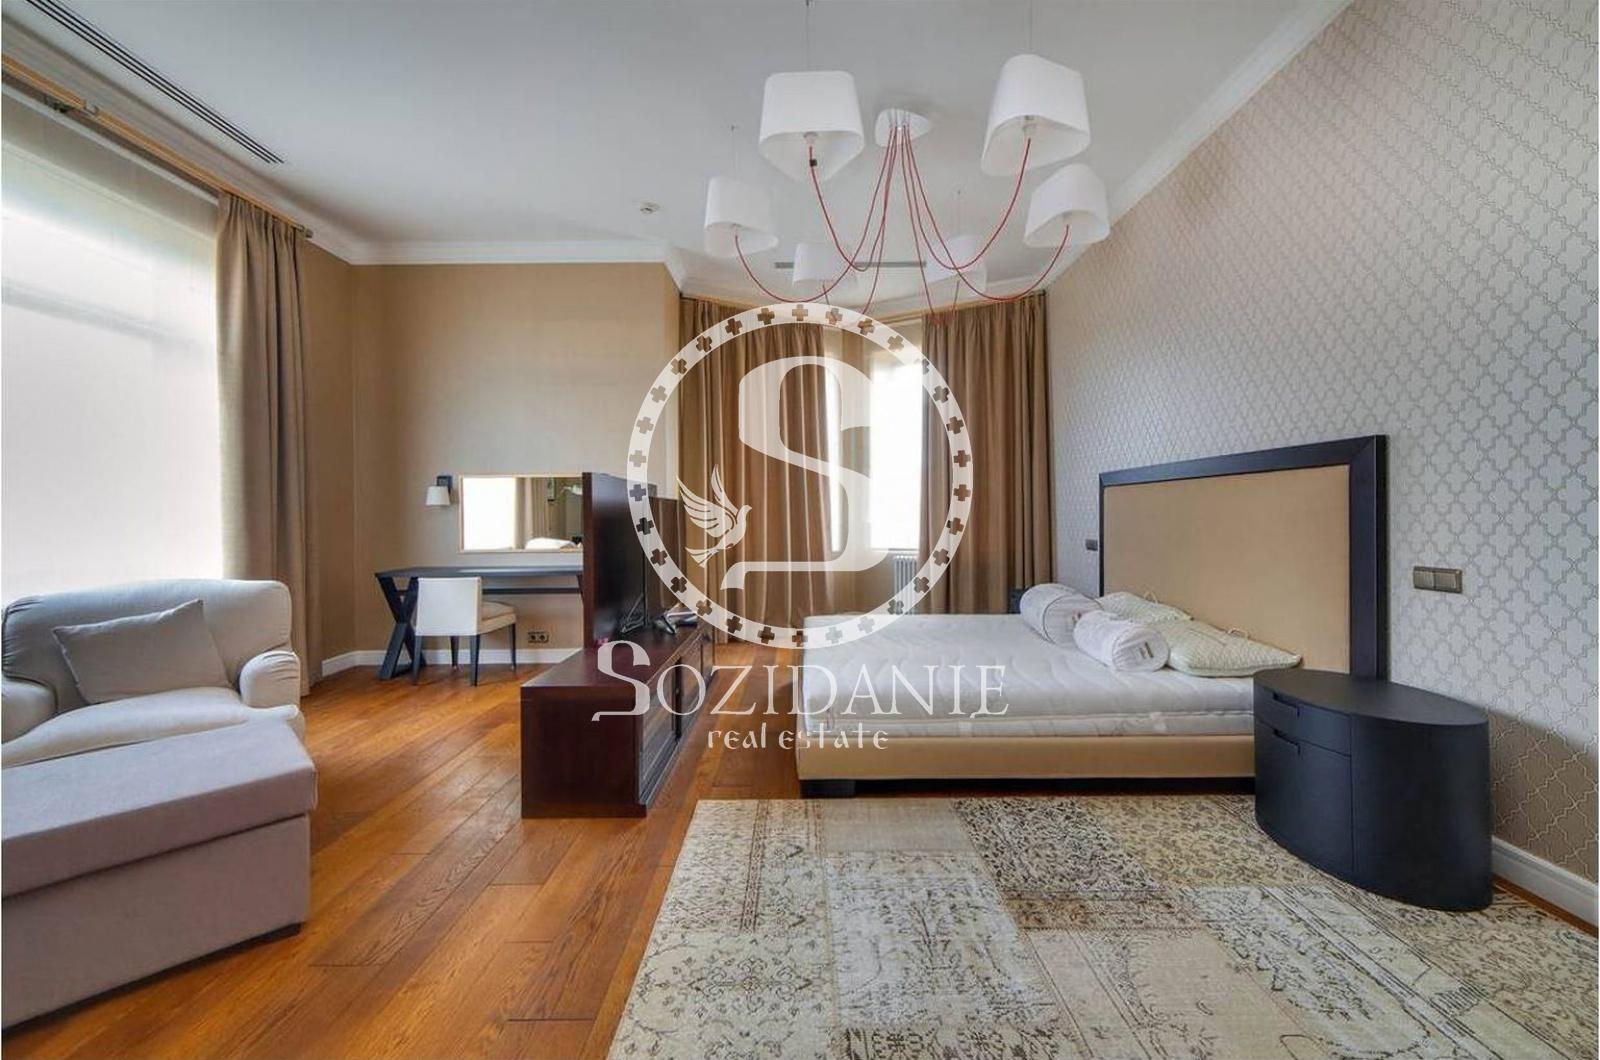 4 Bedrooms, Загородная, Продажа, Listing ID 1500, Московская область, Россия,